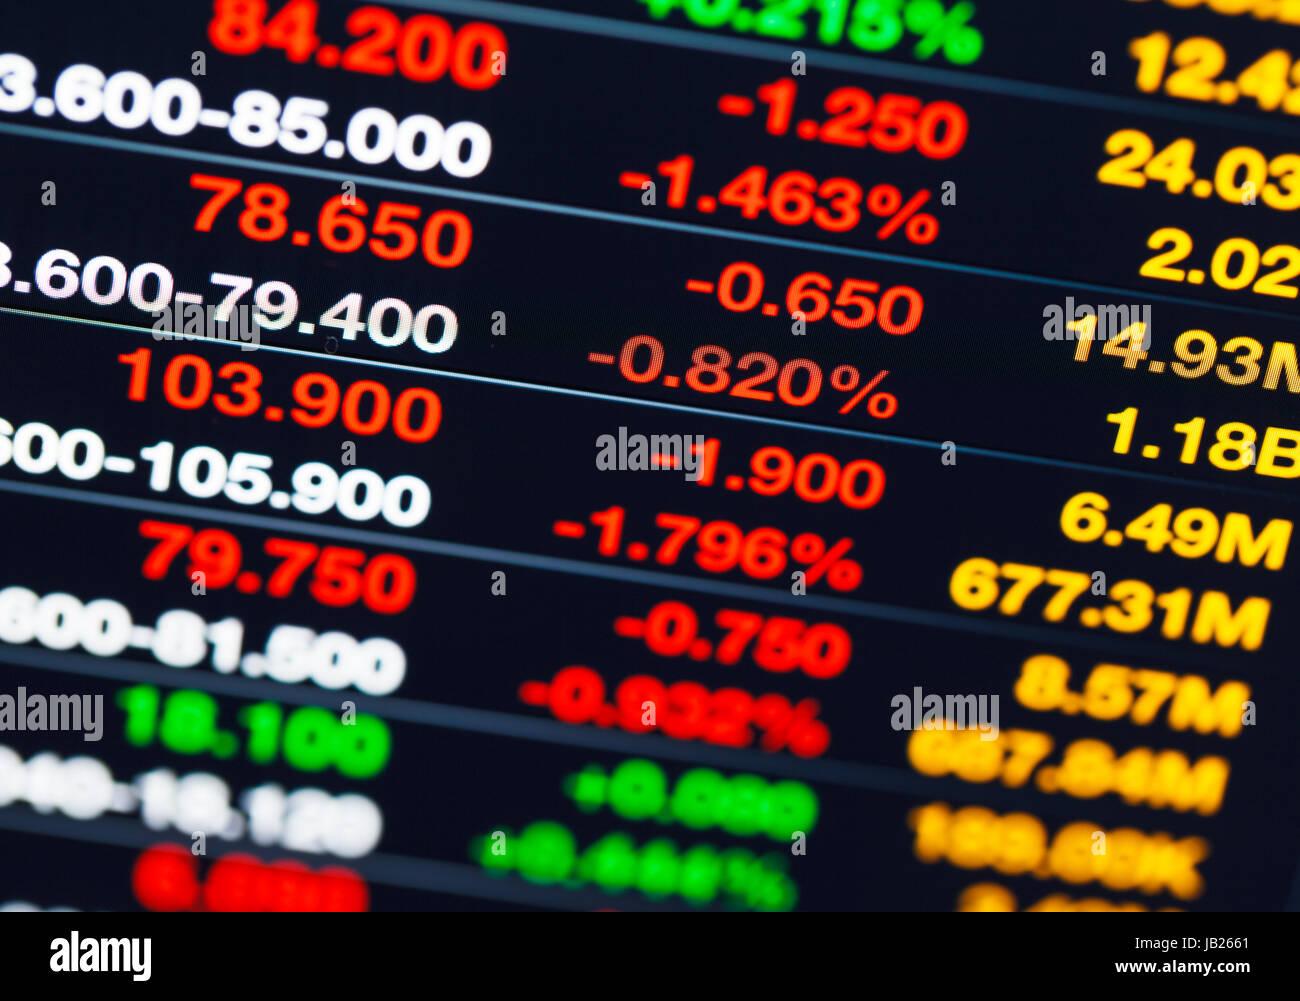 Stock Market Quote | Stock Market Quotes Stock Photo 144492937 Alamy